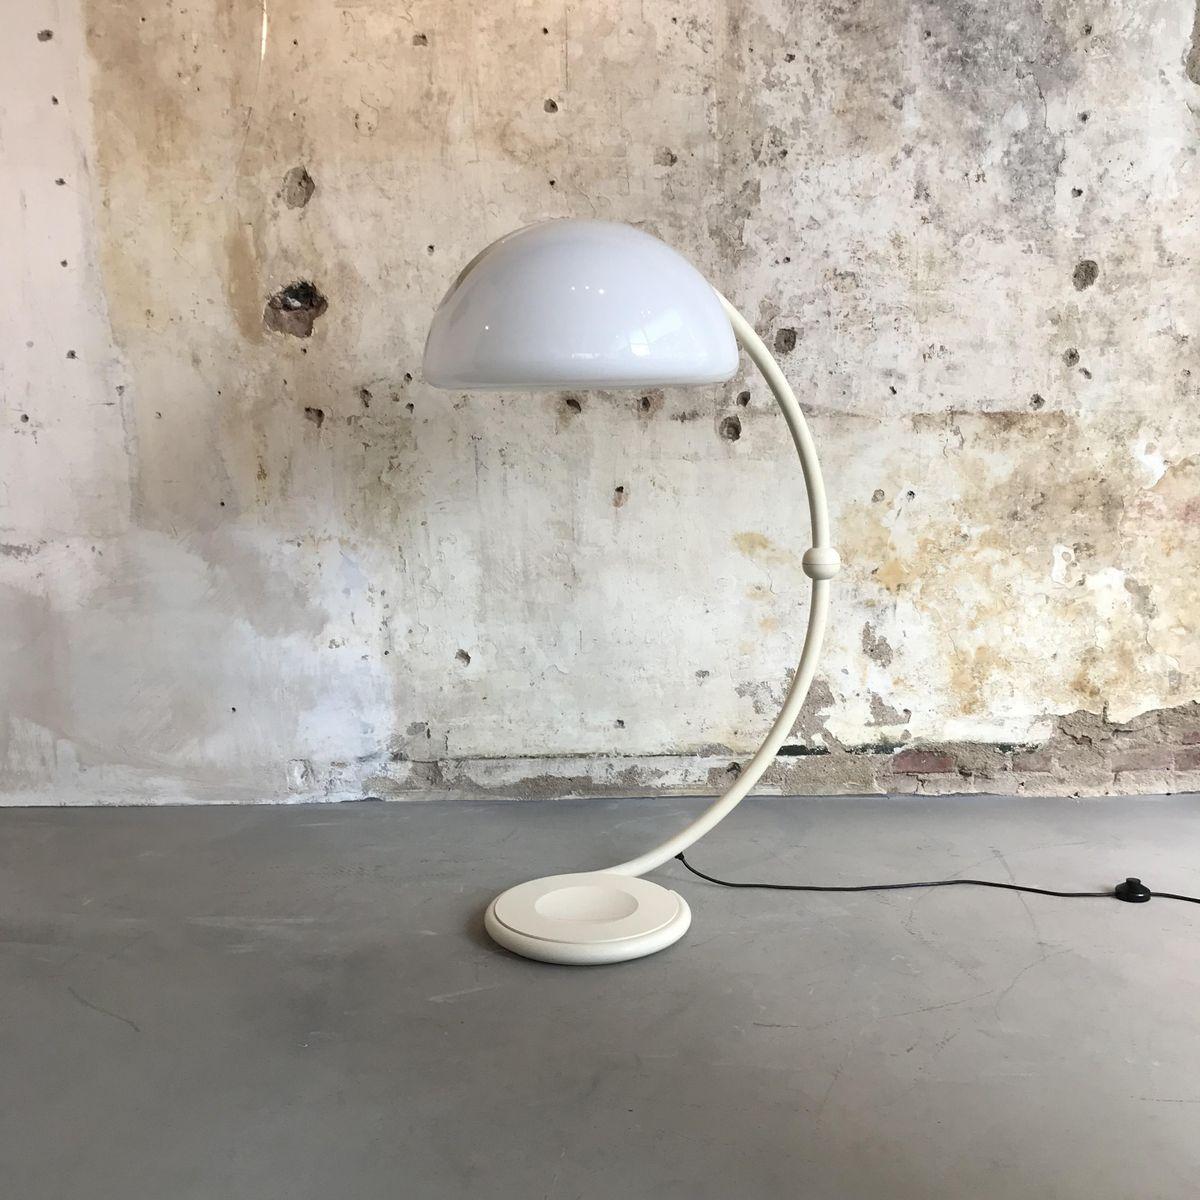 Serpente Lampe von Elio Martinelli für Martinelli Luce, 1965